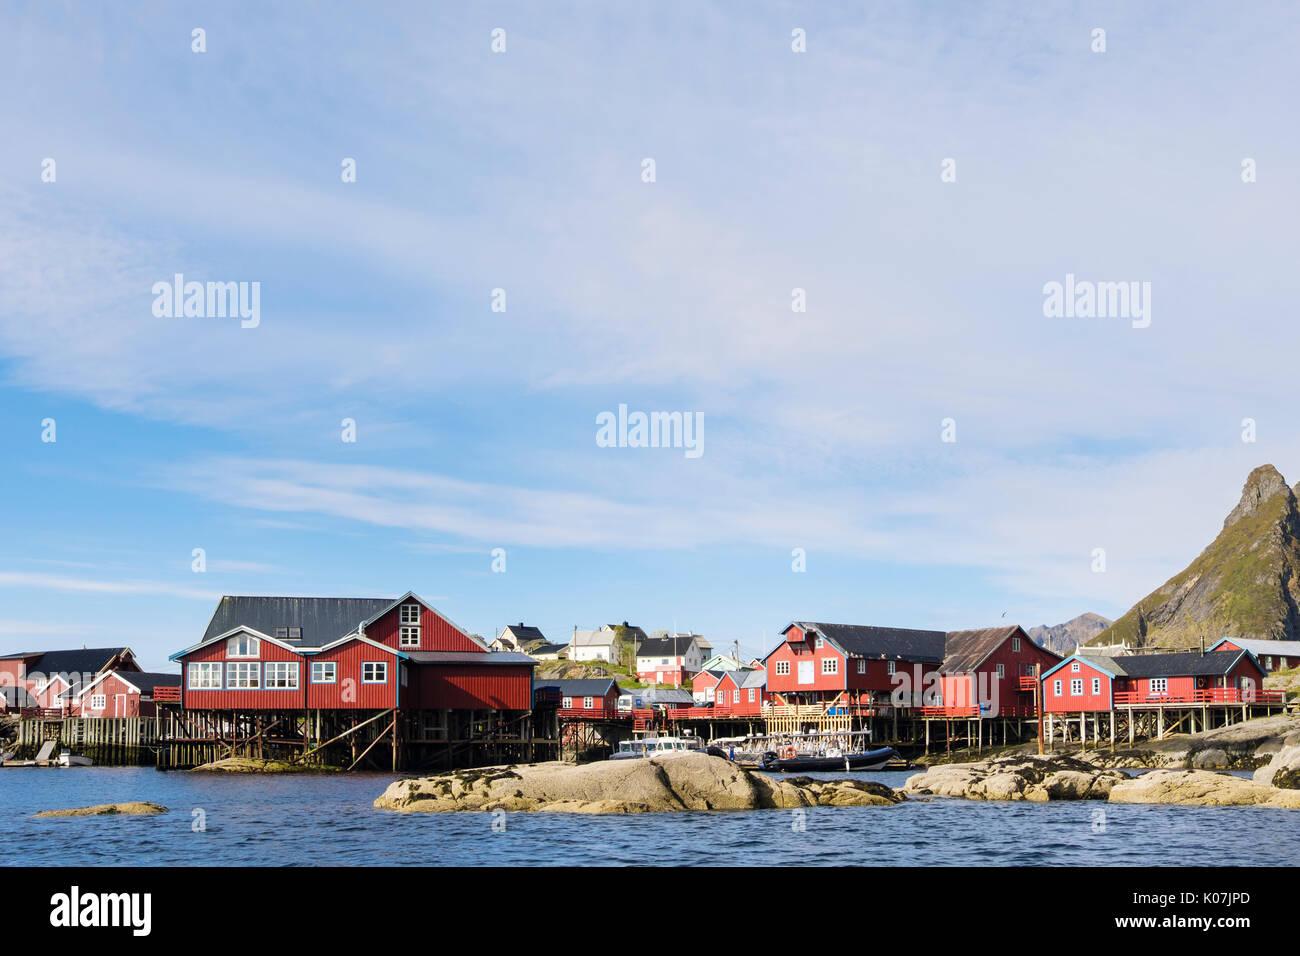 Cabañas de pescadores de madera roja y edificios sobre pilotes por agua en el pueblo pesquero de Å, Moskenes, Moskenesøya Isla, Islas Lofoten, Nordland, Noruega Imagen De Stock